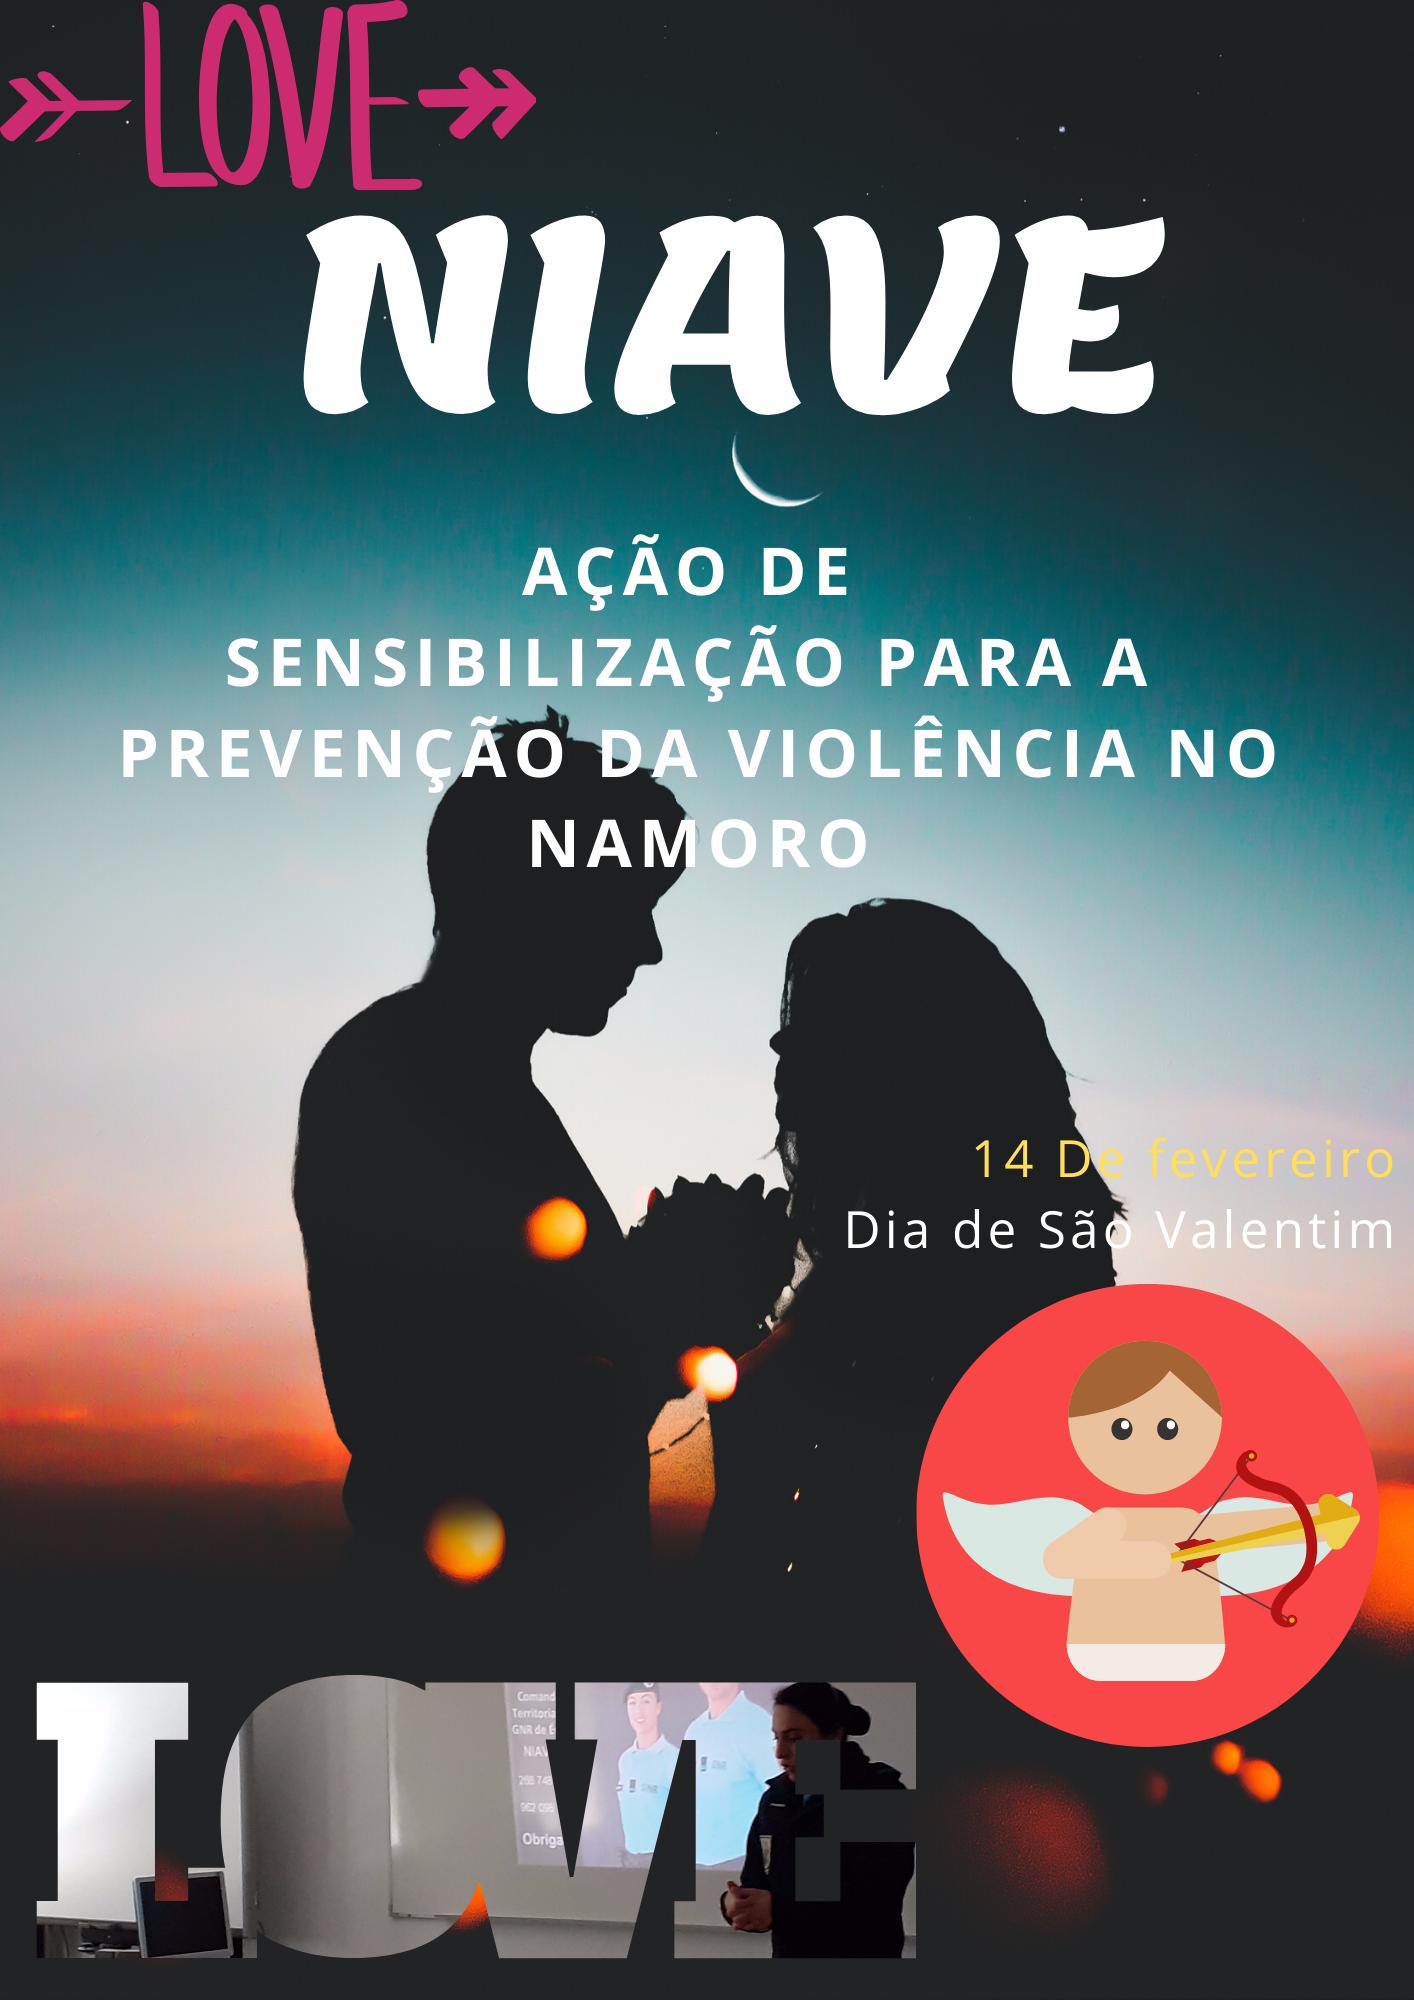 .: Prevenção da Violência no Namoro :.